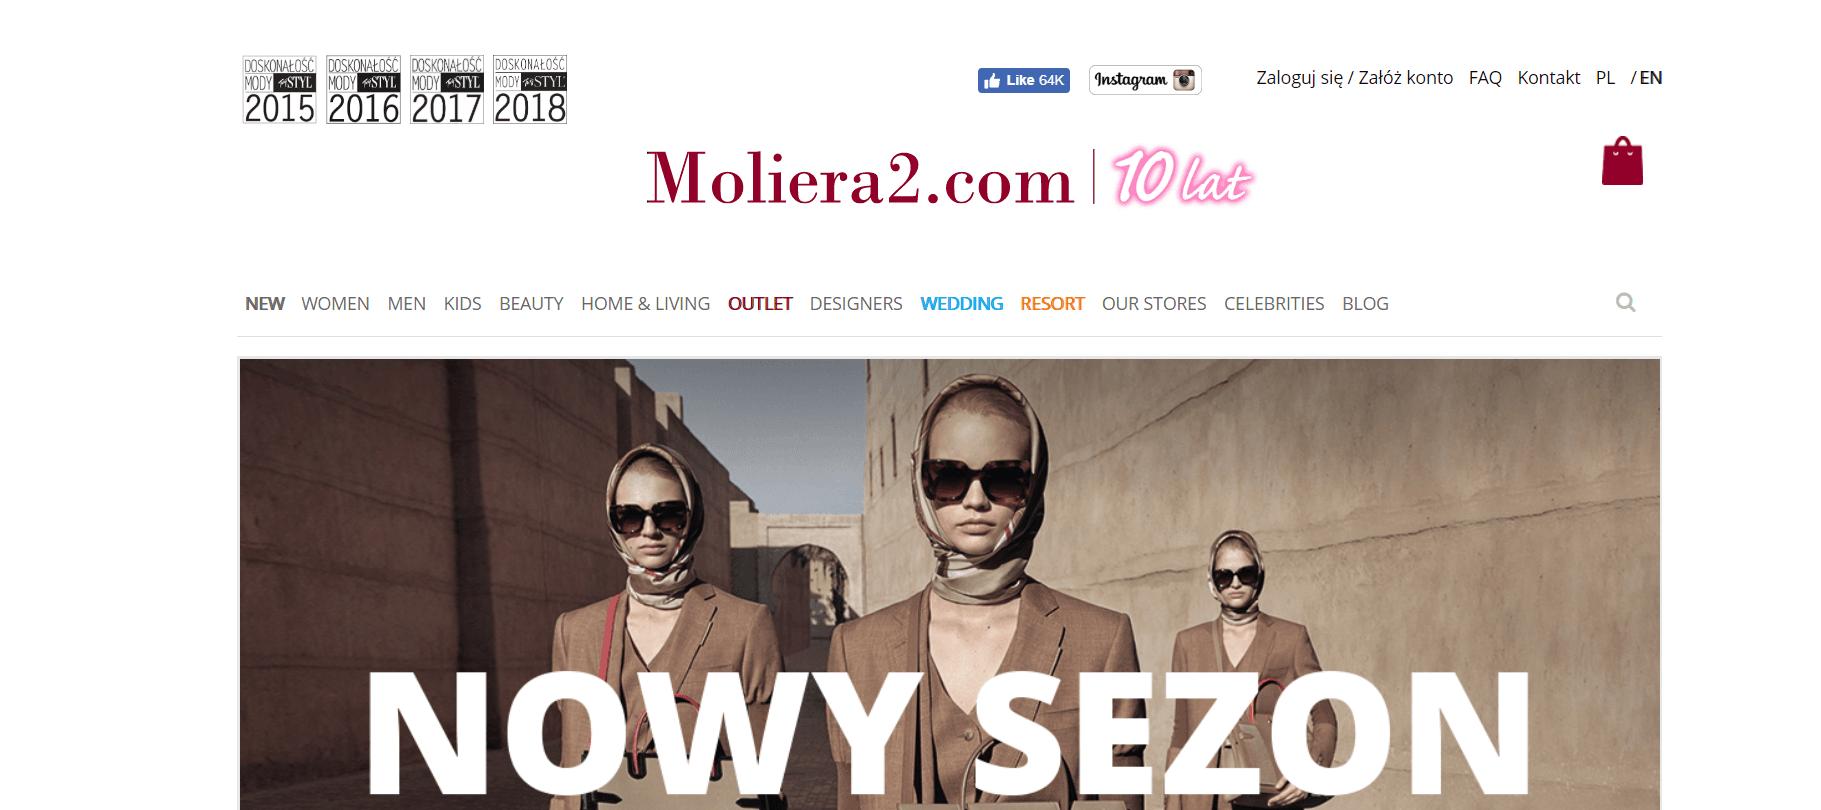 Покупка на MOLIERA2 с доставкой в Казахстан ✔️ myMeest - 3